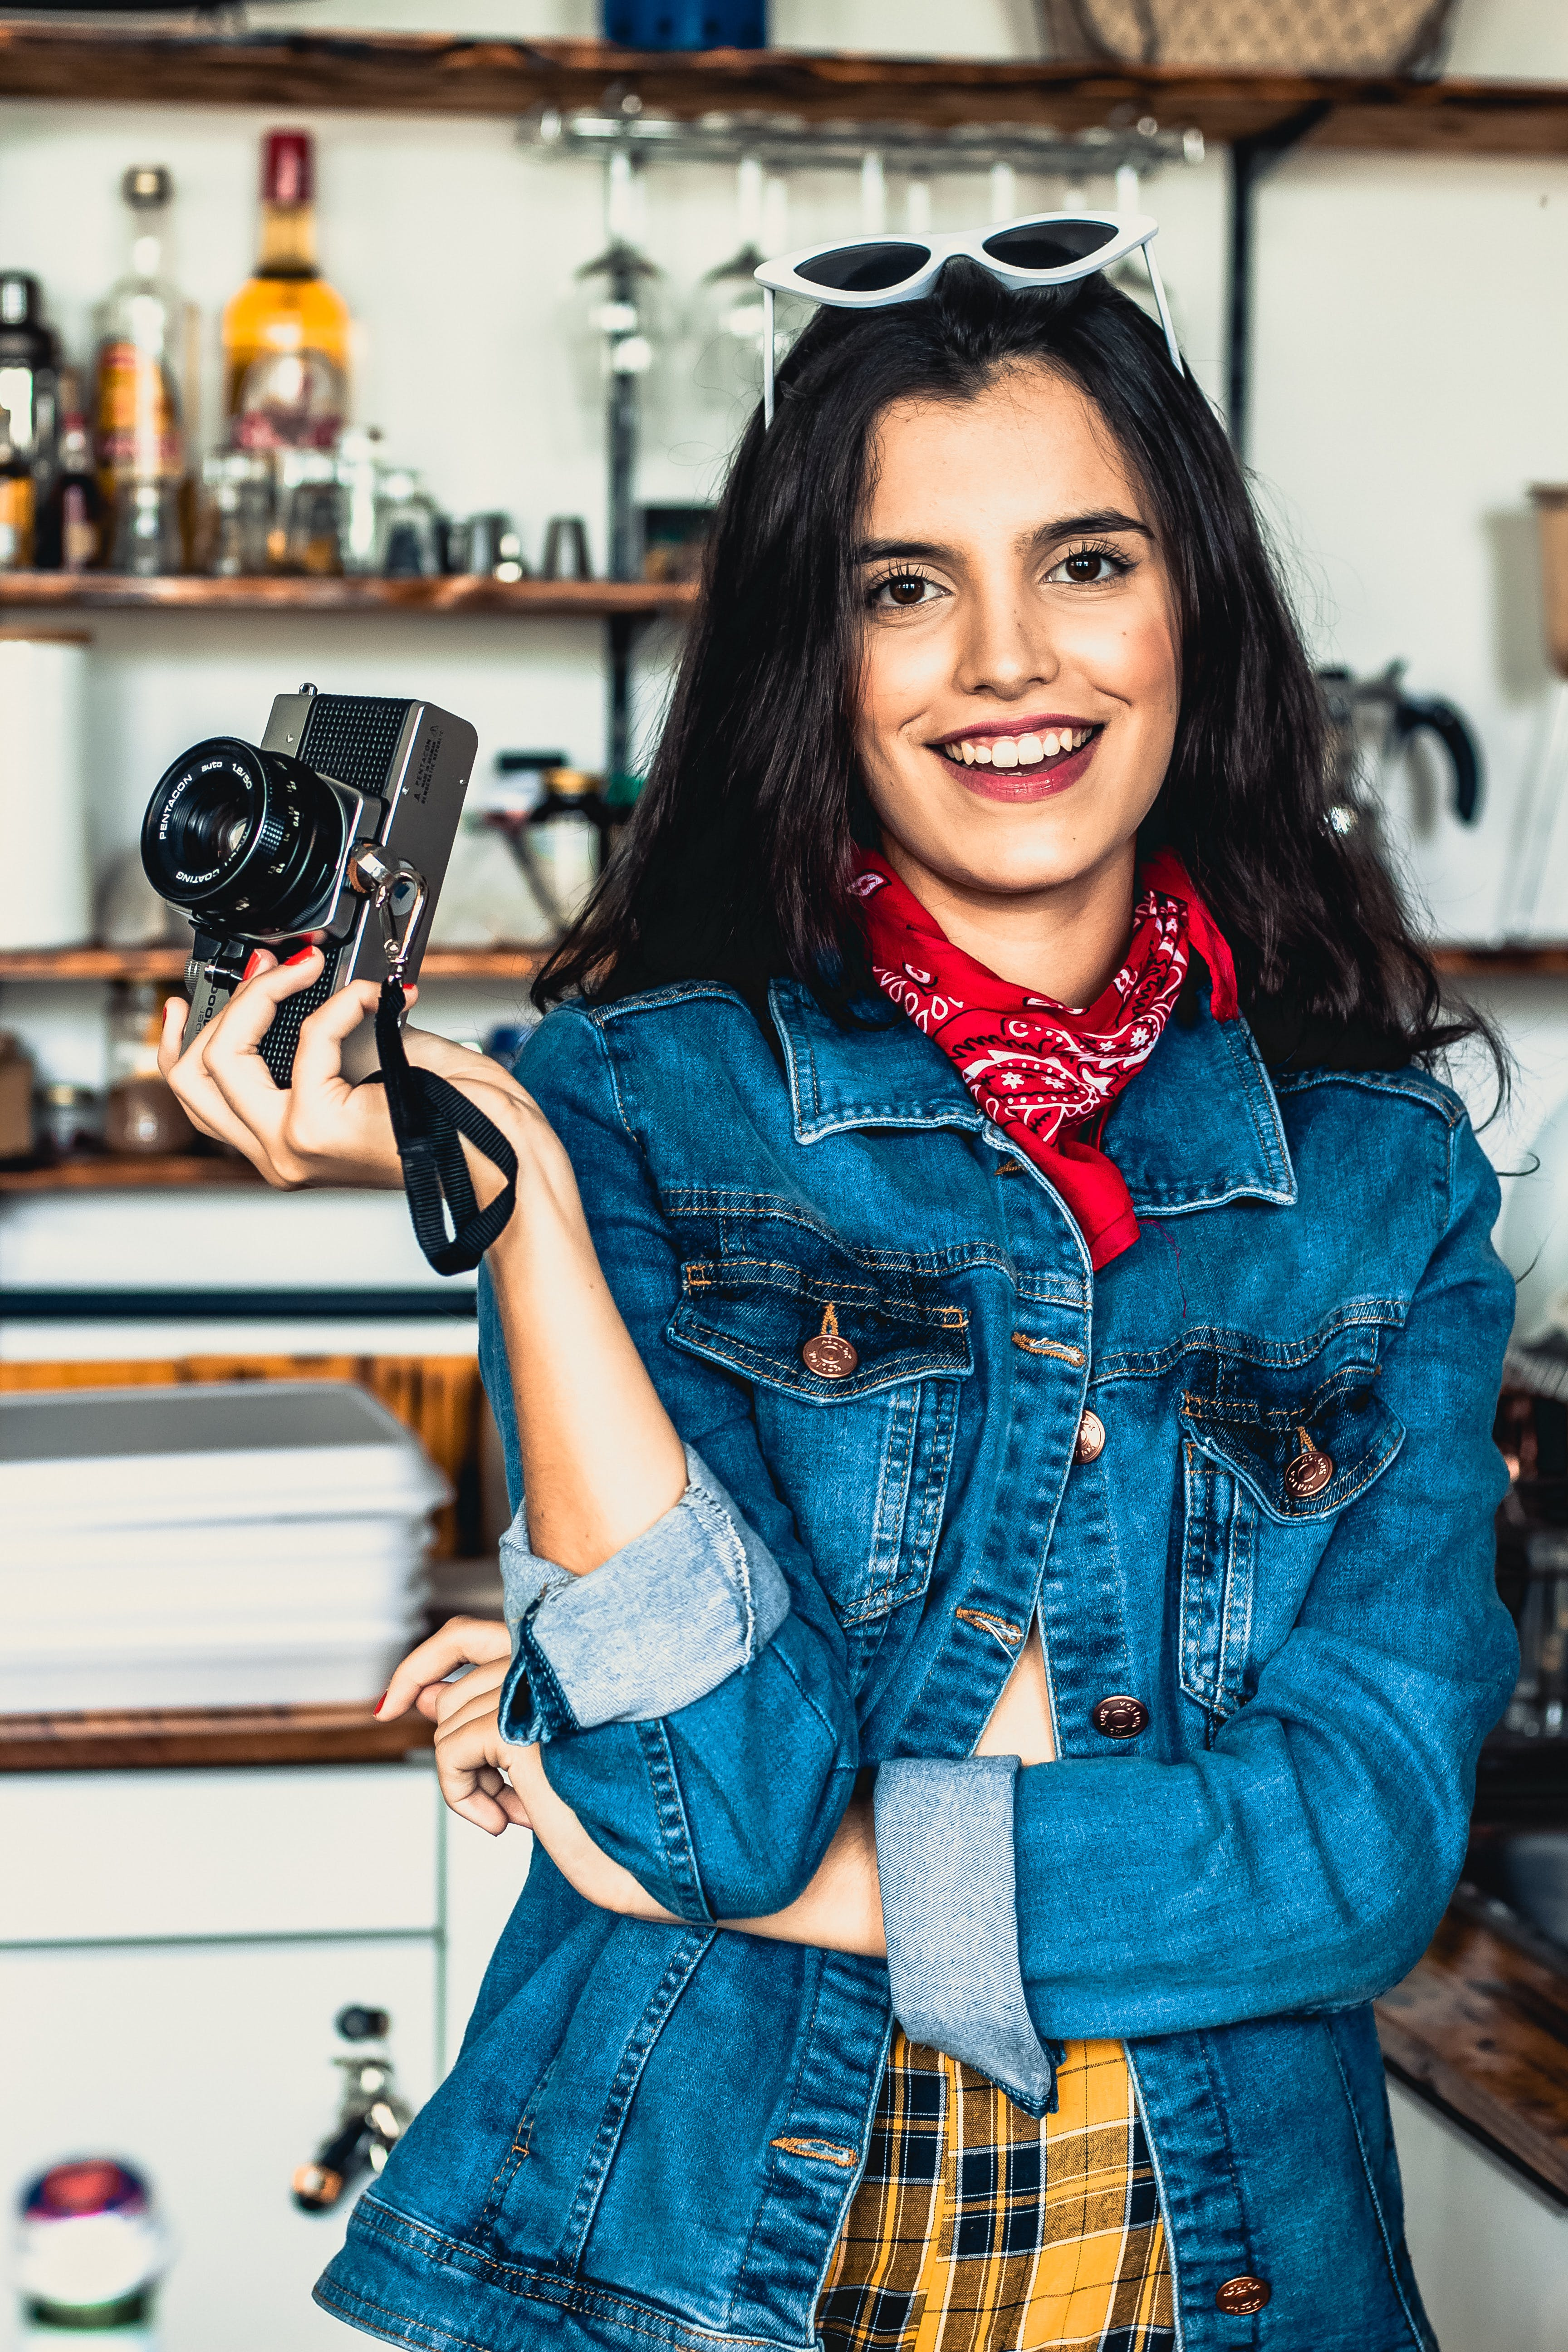 Kostenloses Stock Foto zu brünette, drinnen, fashion, frau